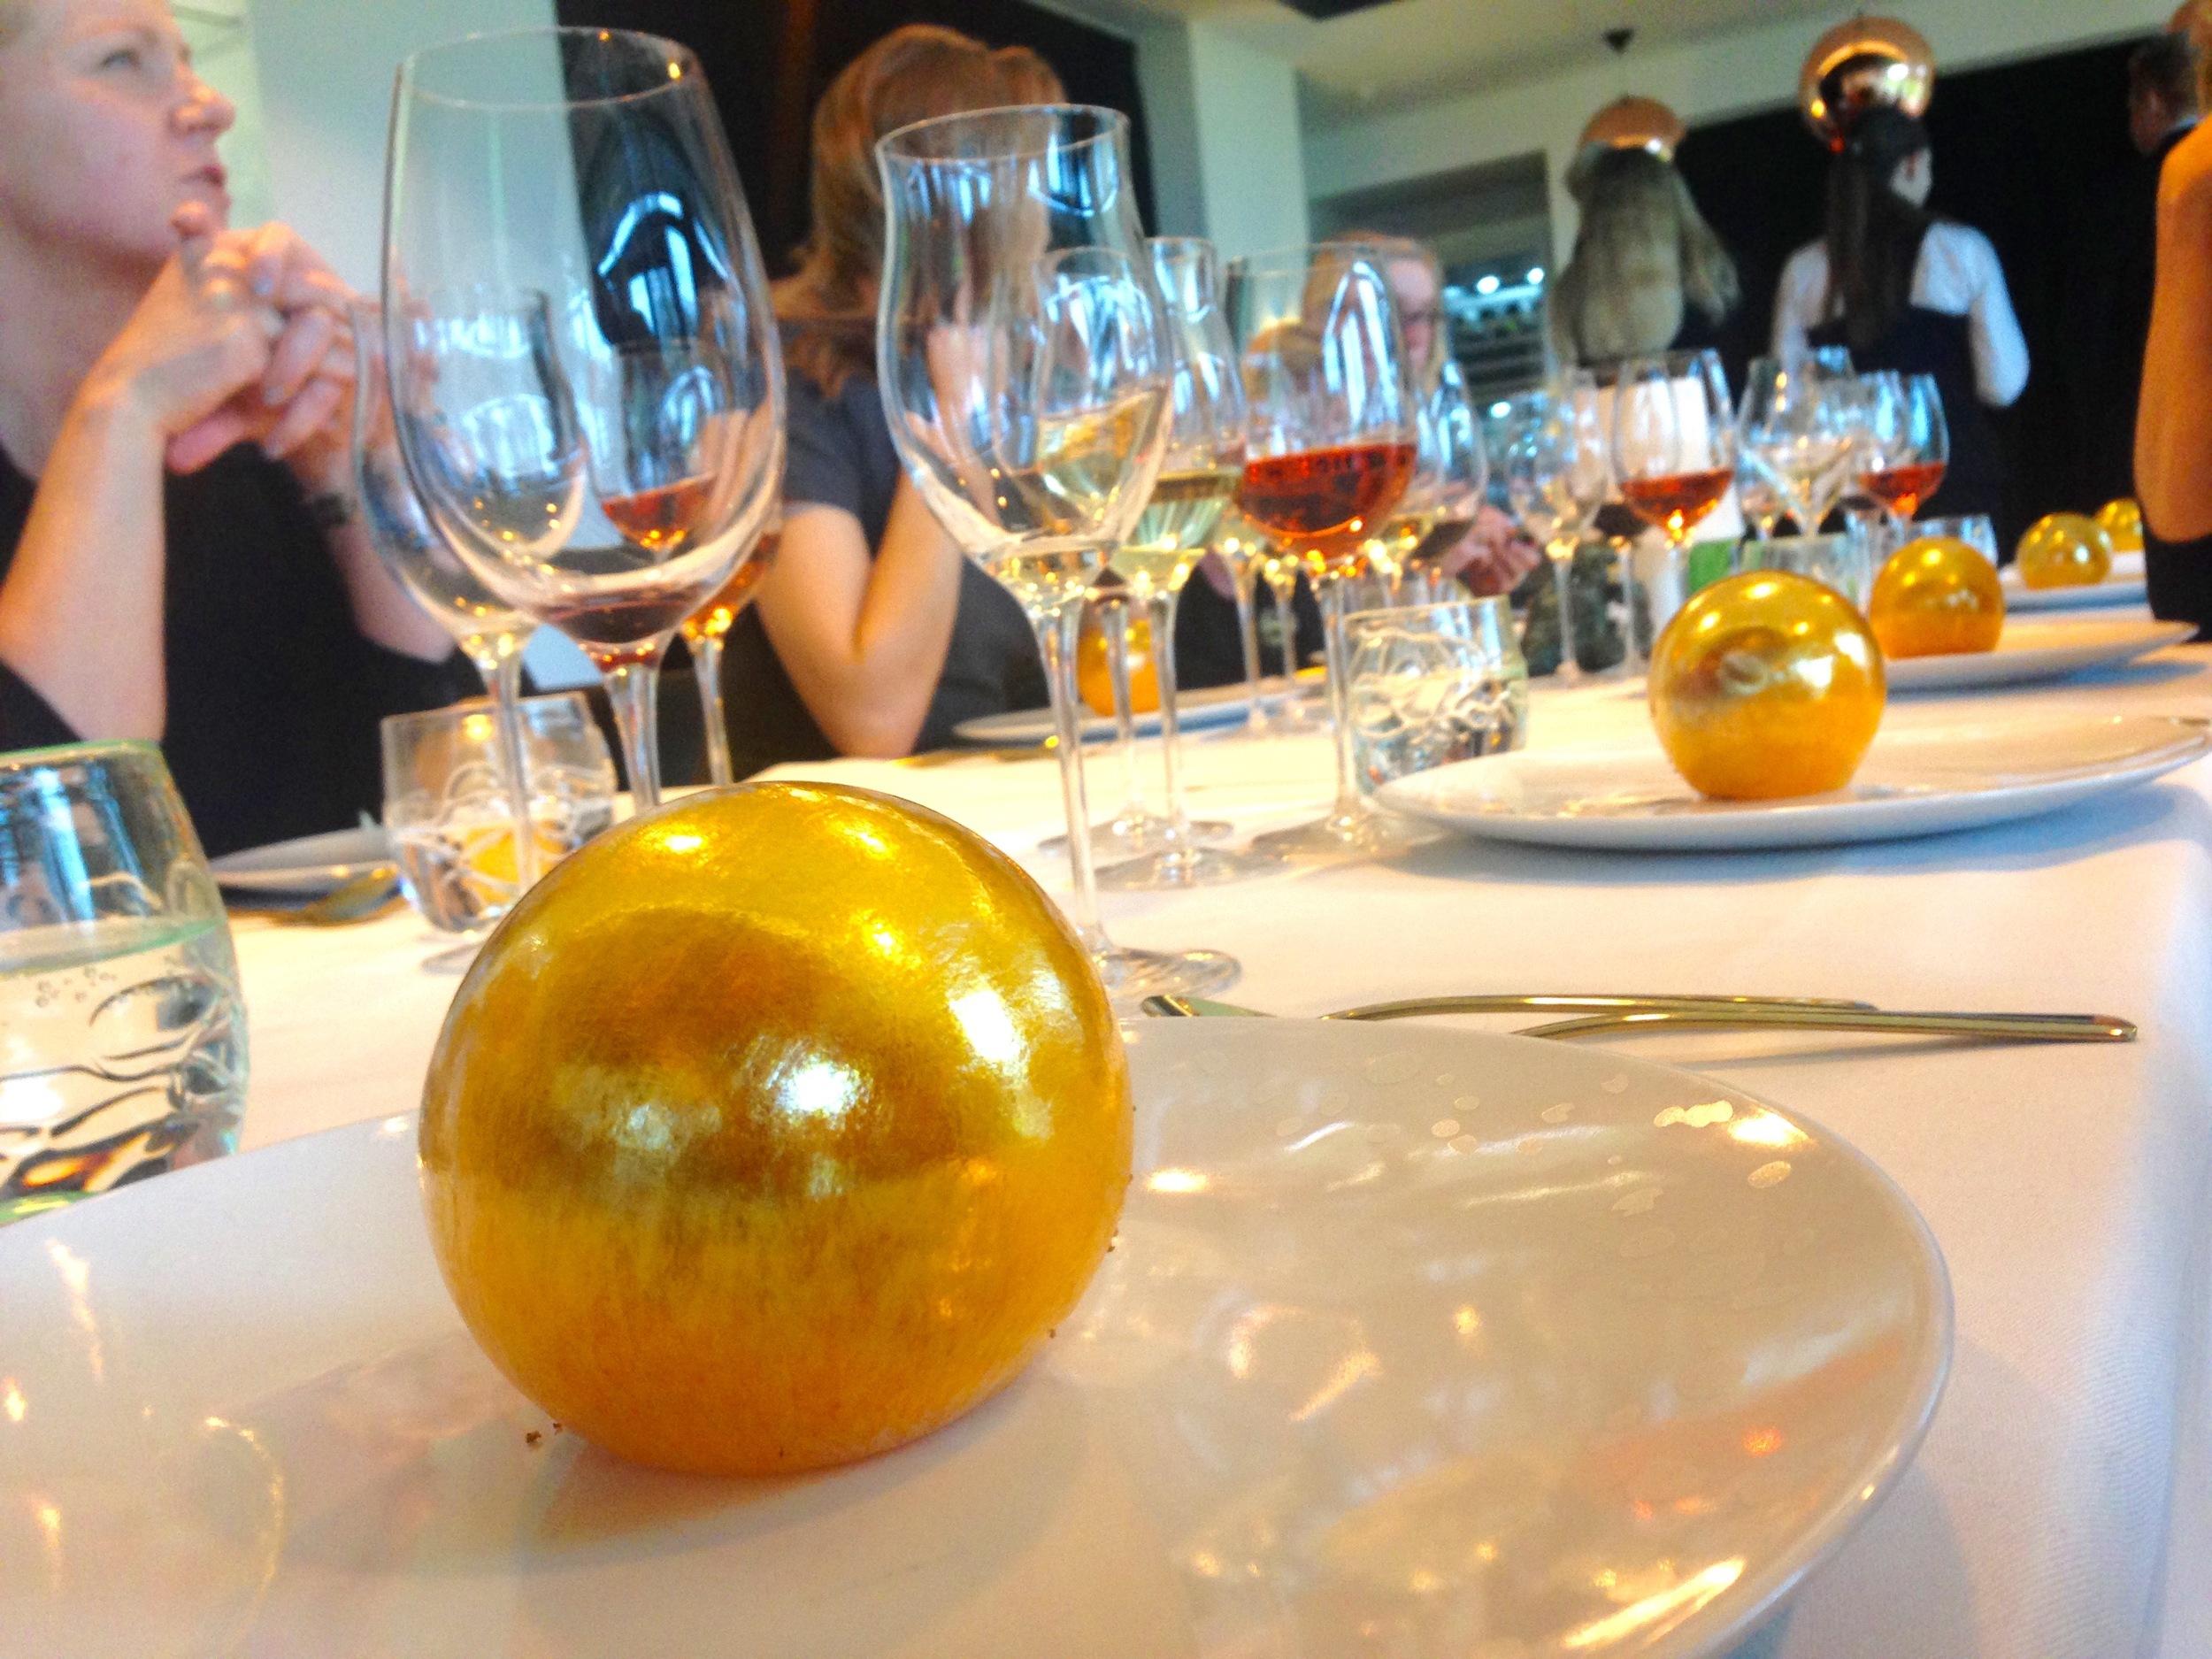 Det danske gullegget. Her fra restaurant Frederikshøj i Århus. Foto: Odd Roar Lange